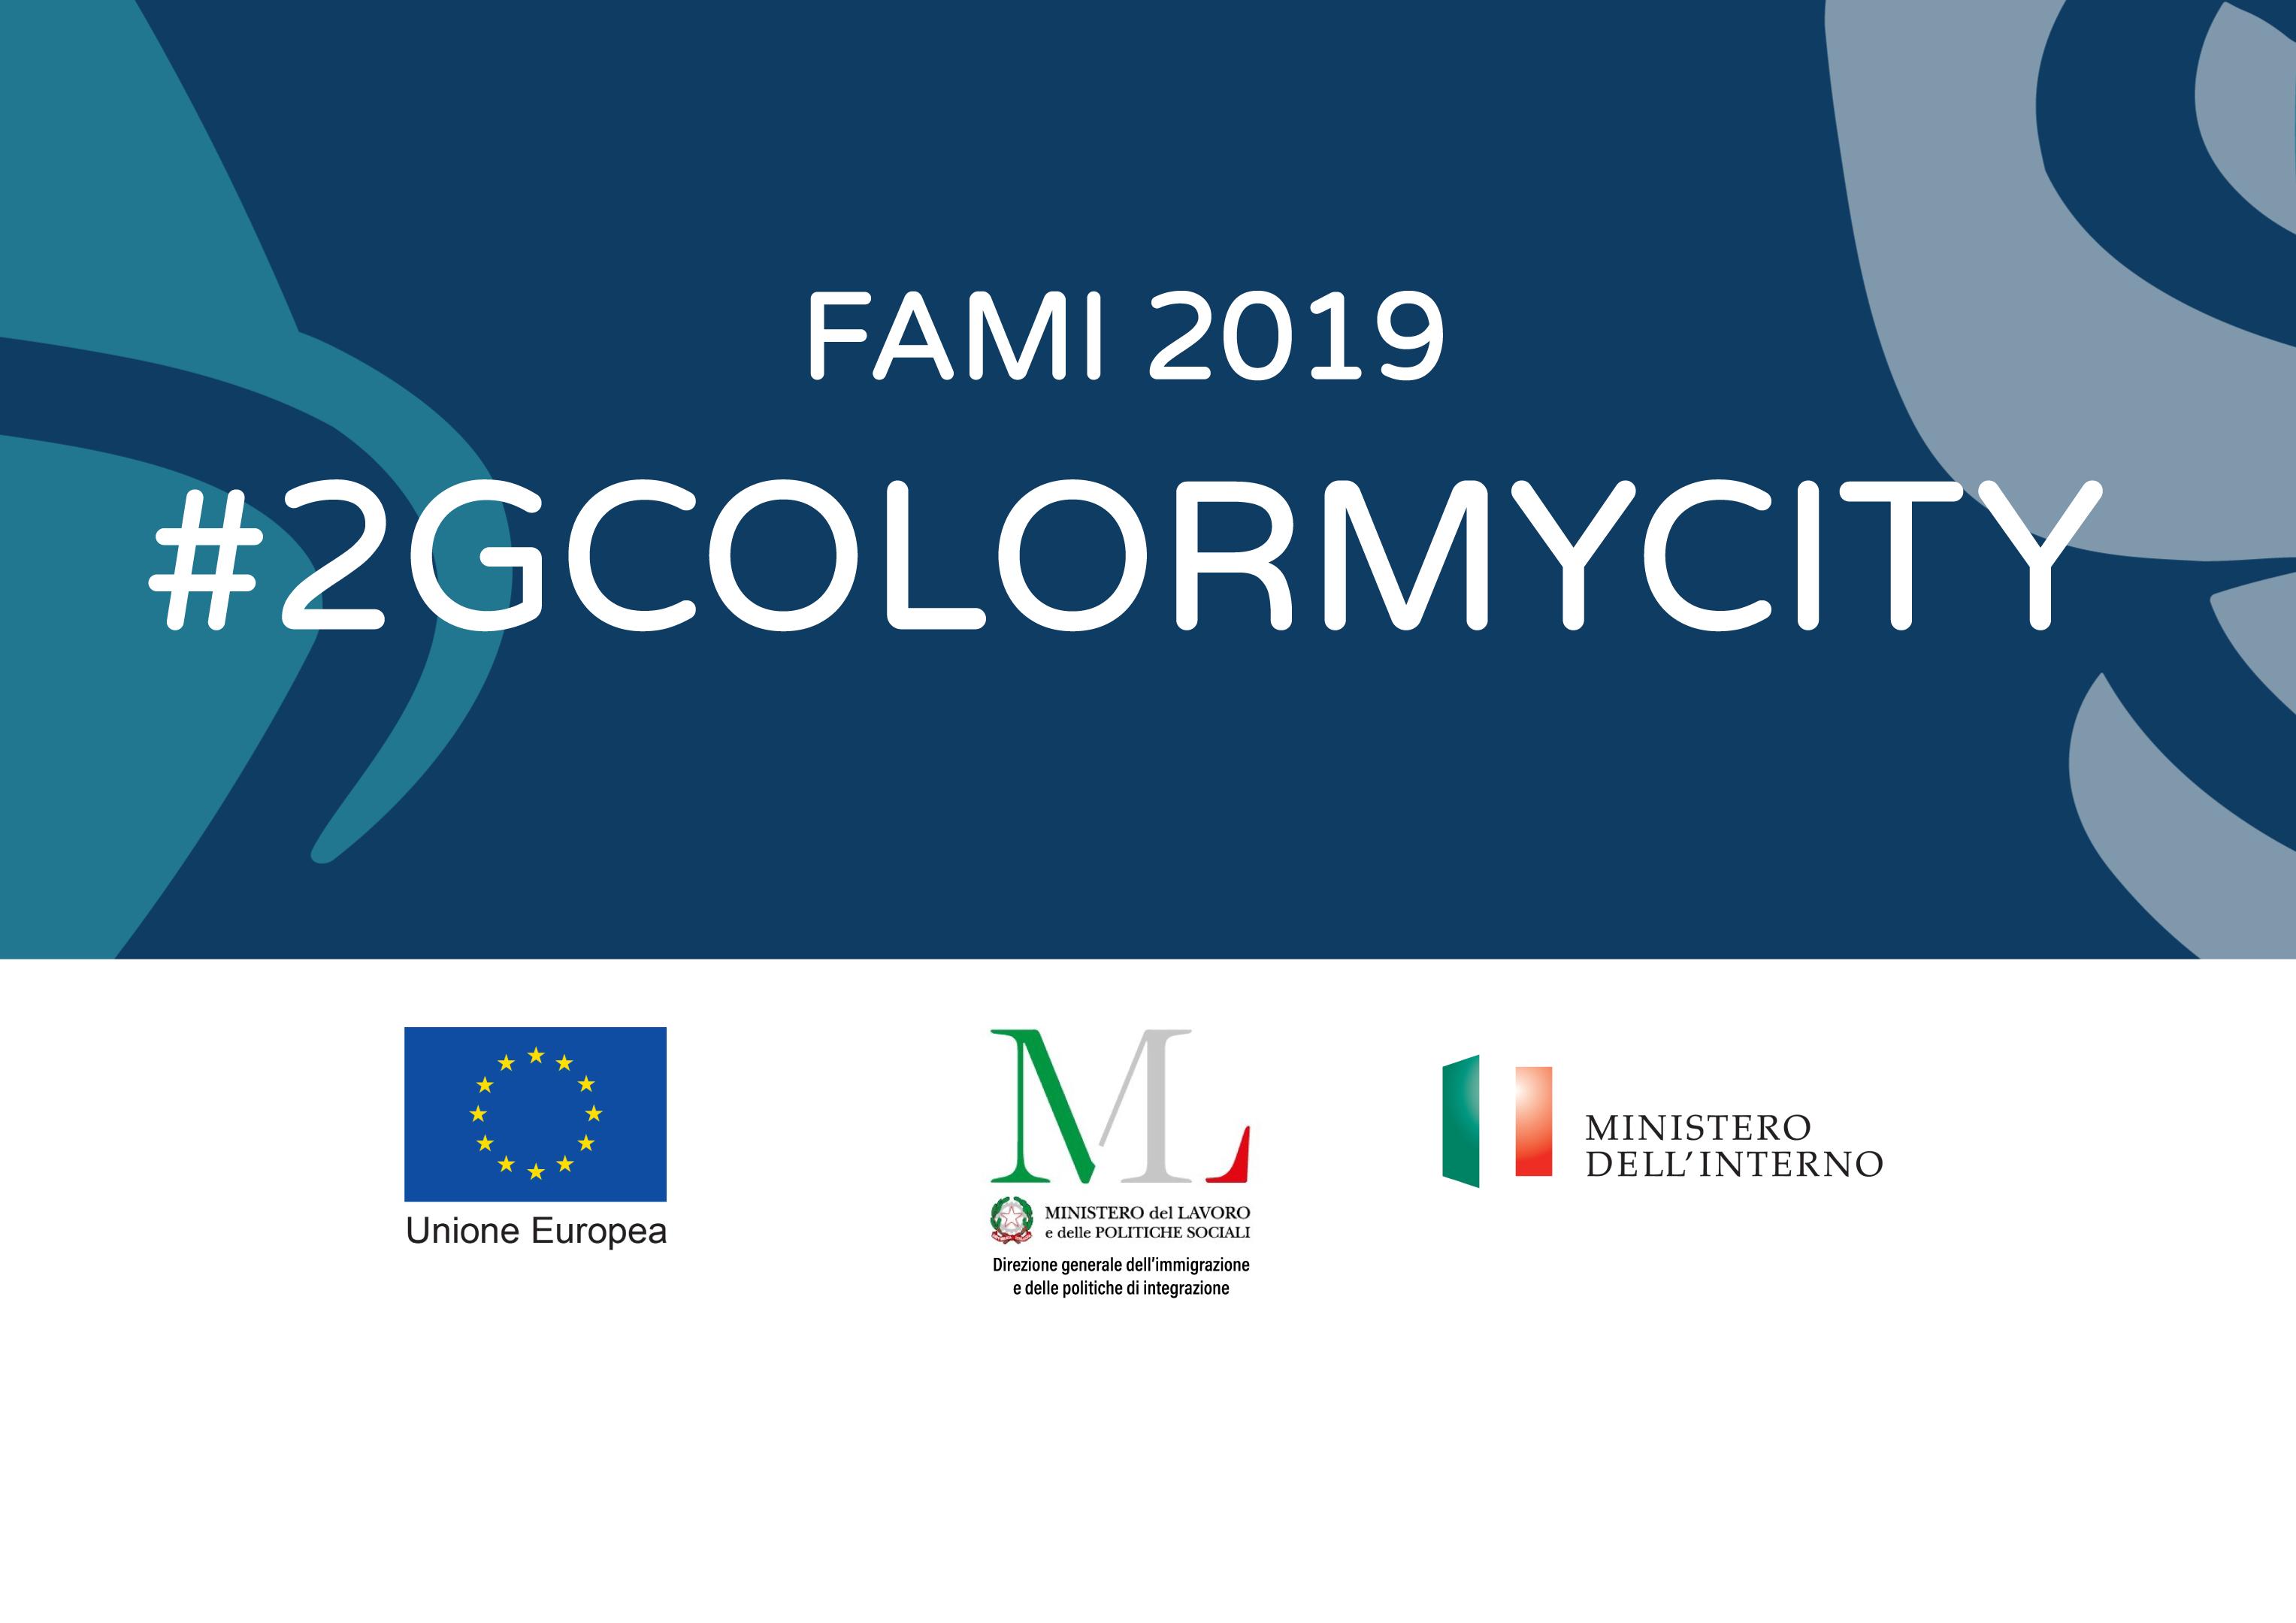 Fami 2019: #2GCOLORMYCITY